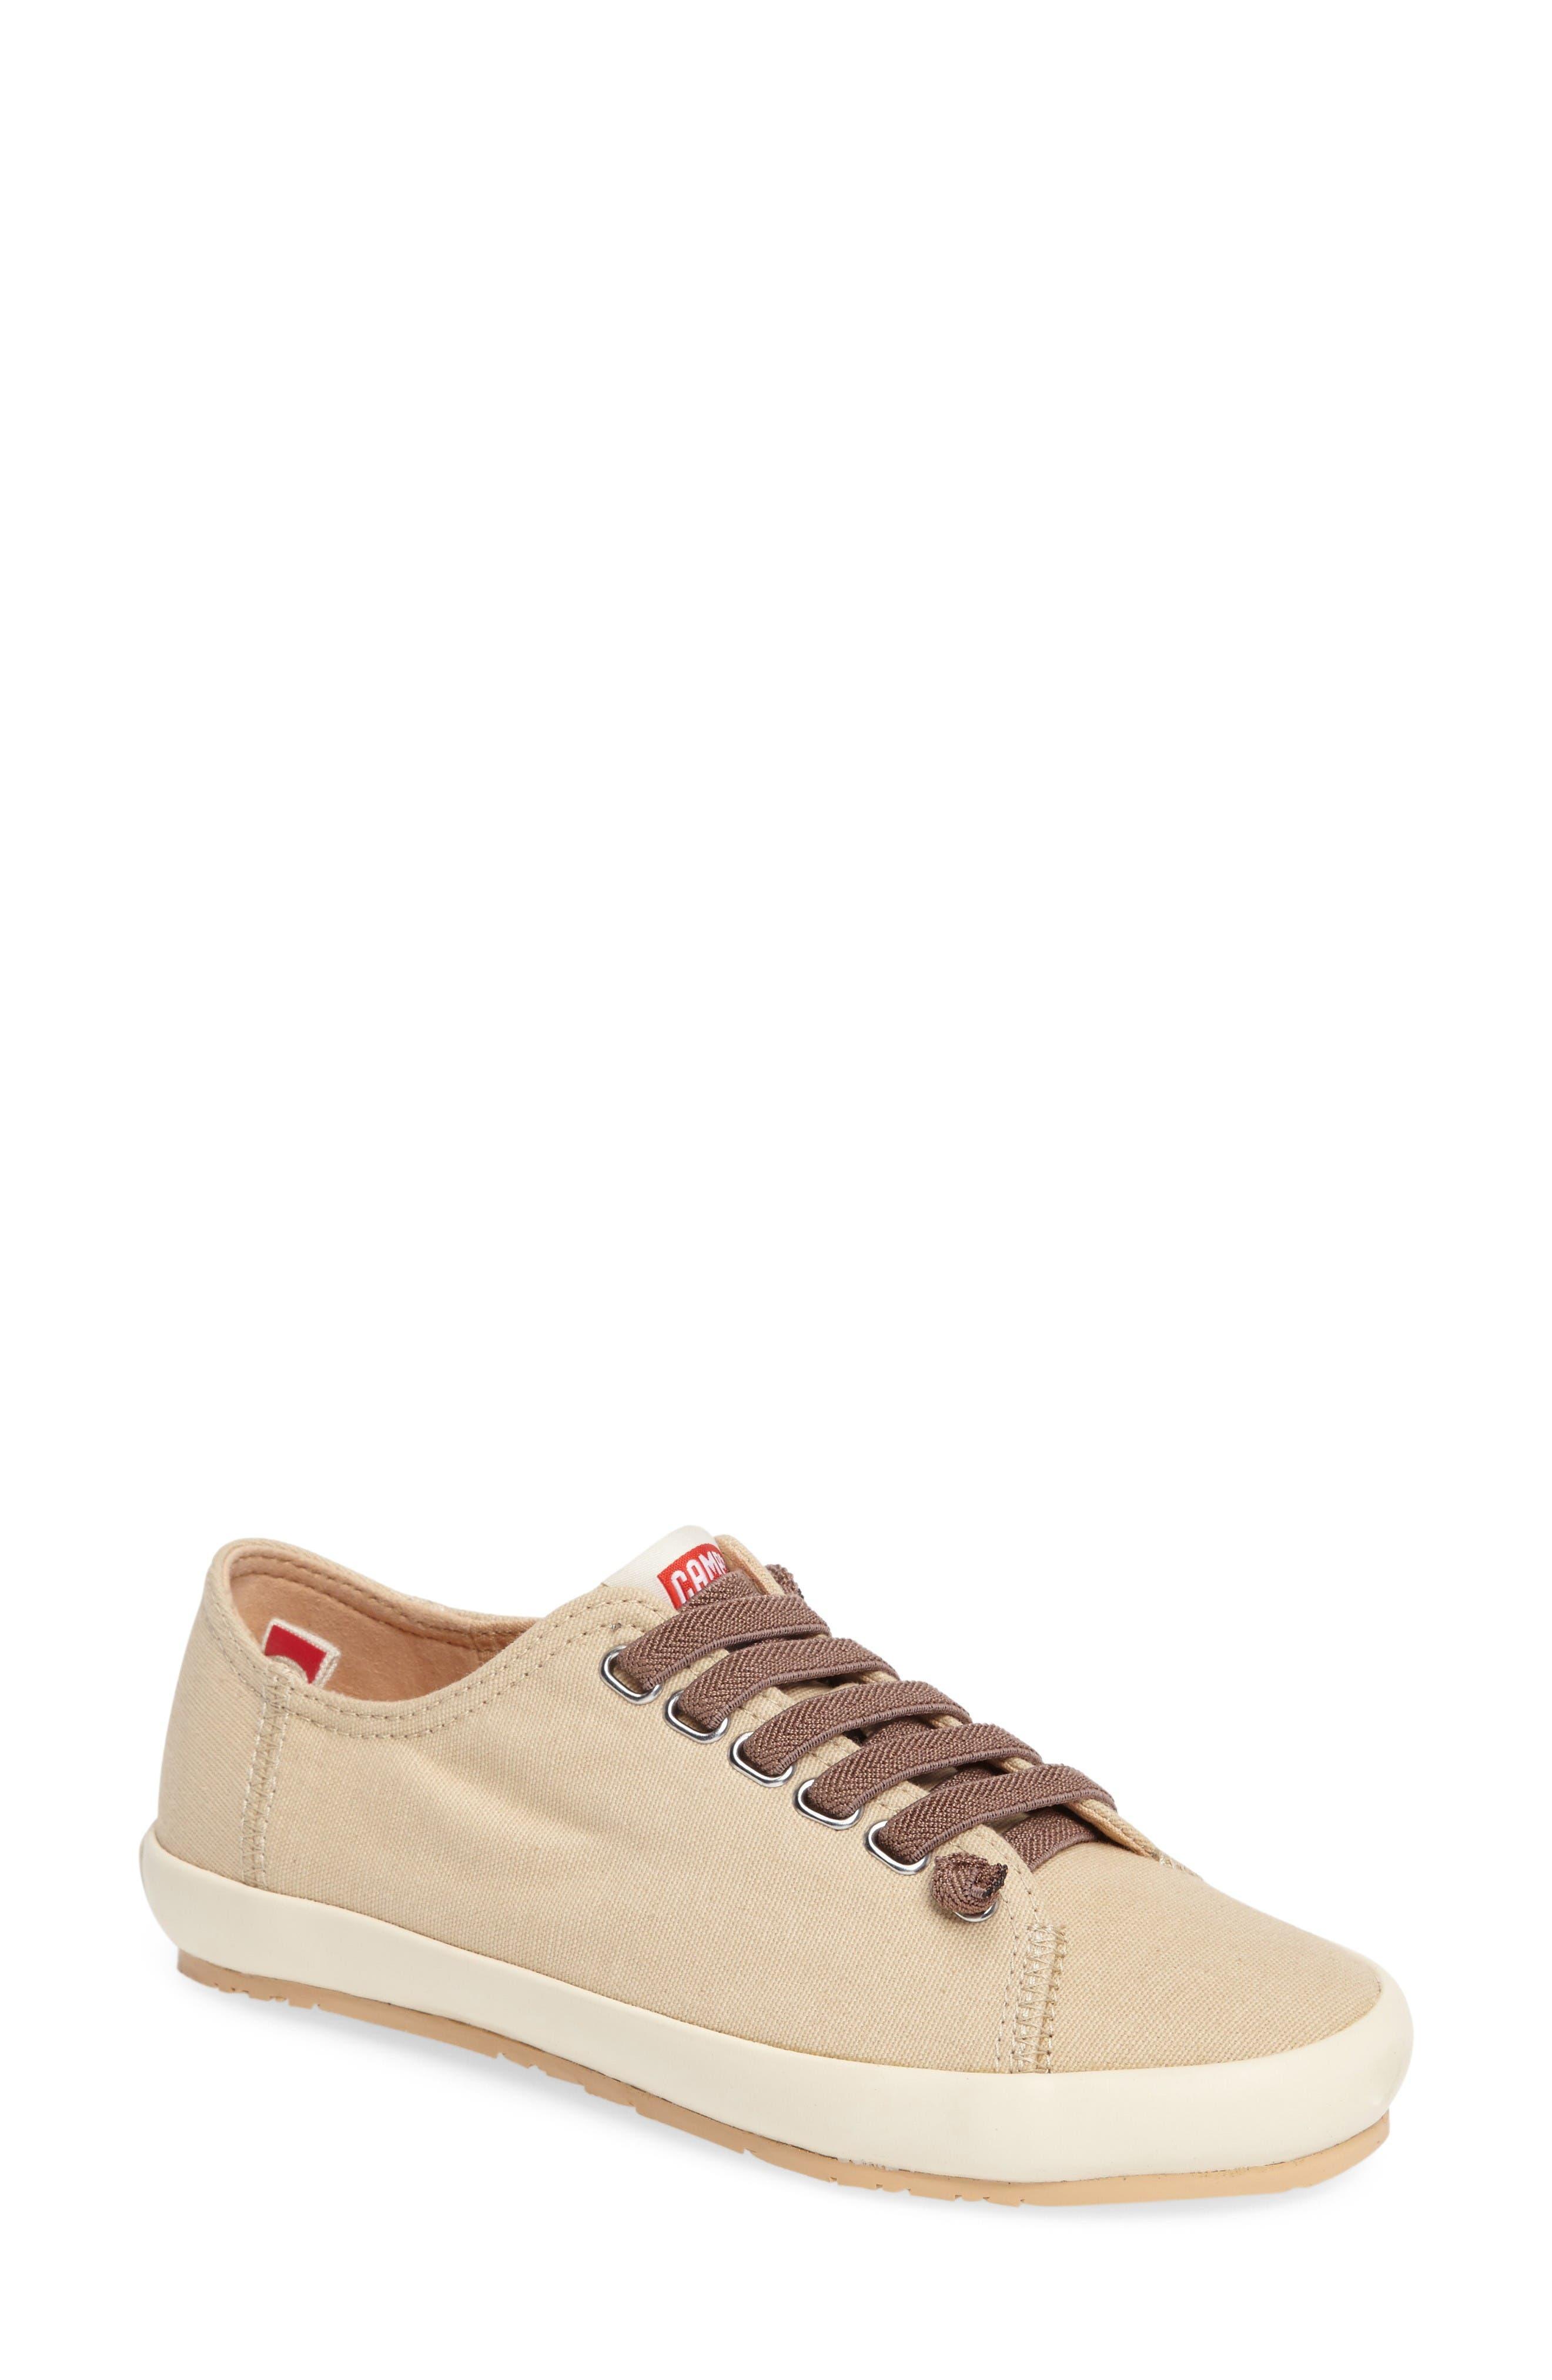 Alternate Image 1 Selected - Camper Borne Slip-On Sneaker (Women)